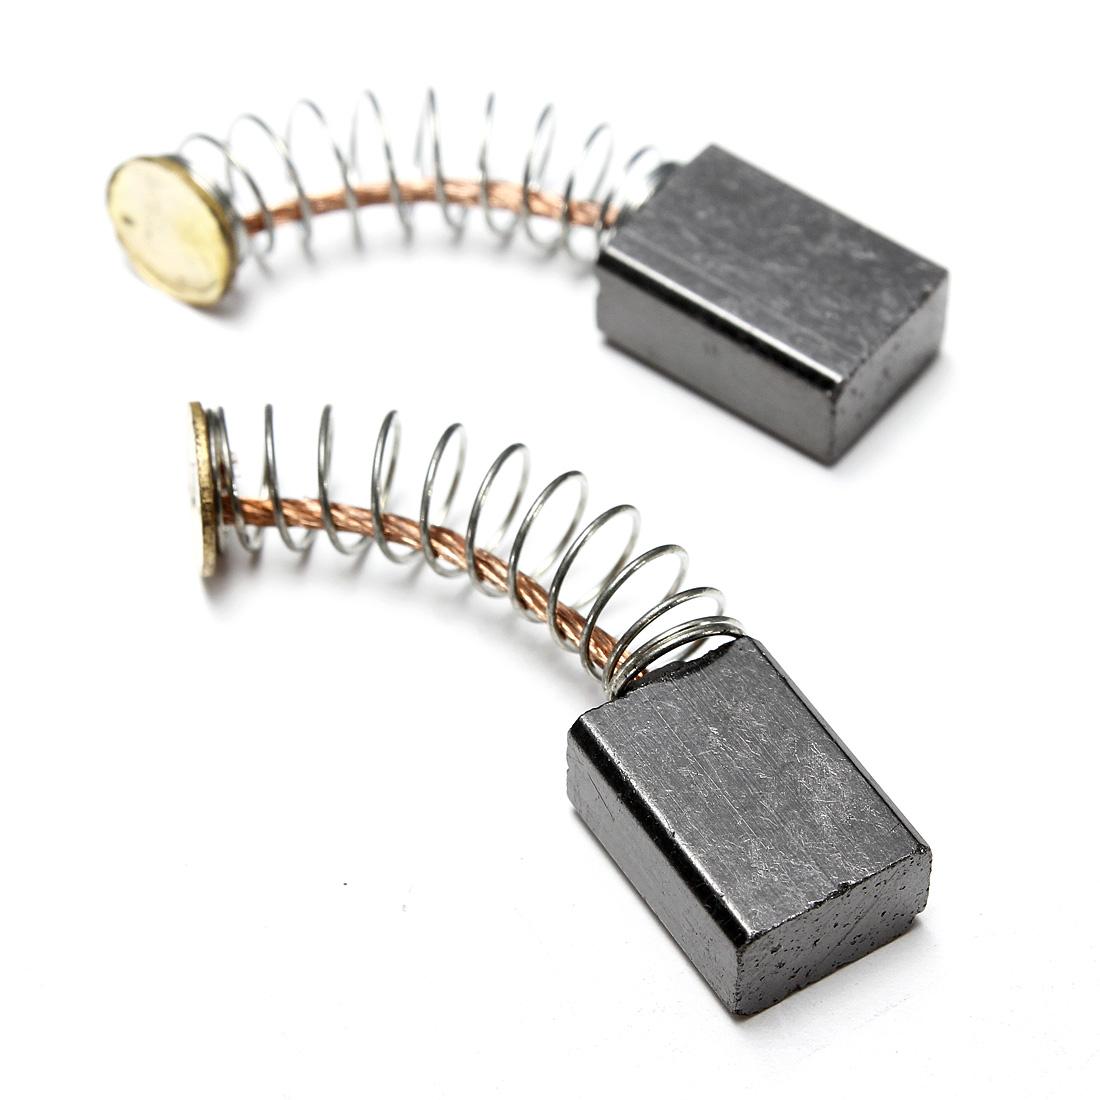 2pcs Electric Motor Carbon Brushes Repair Replacement 12mm